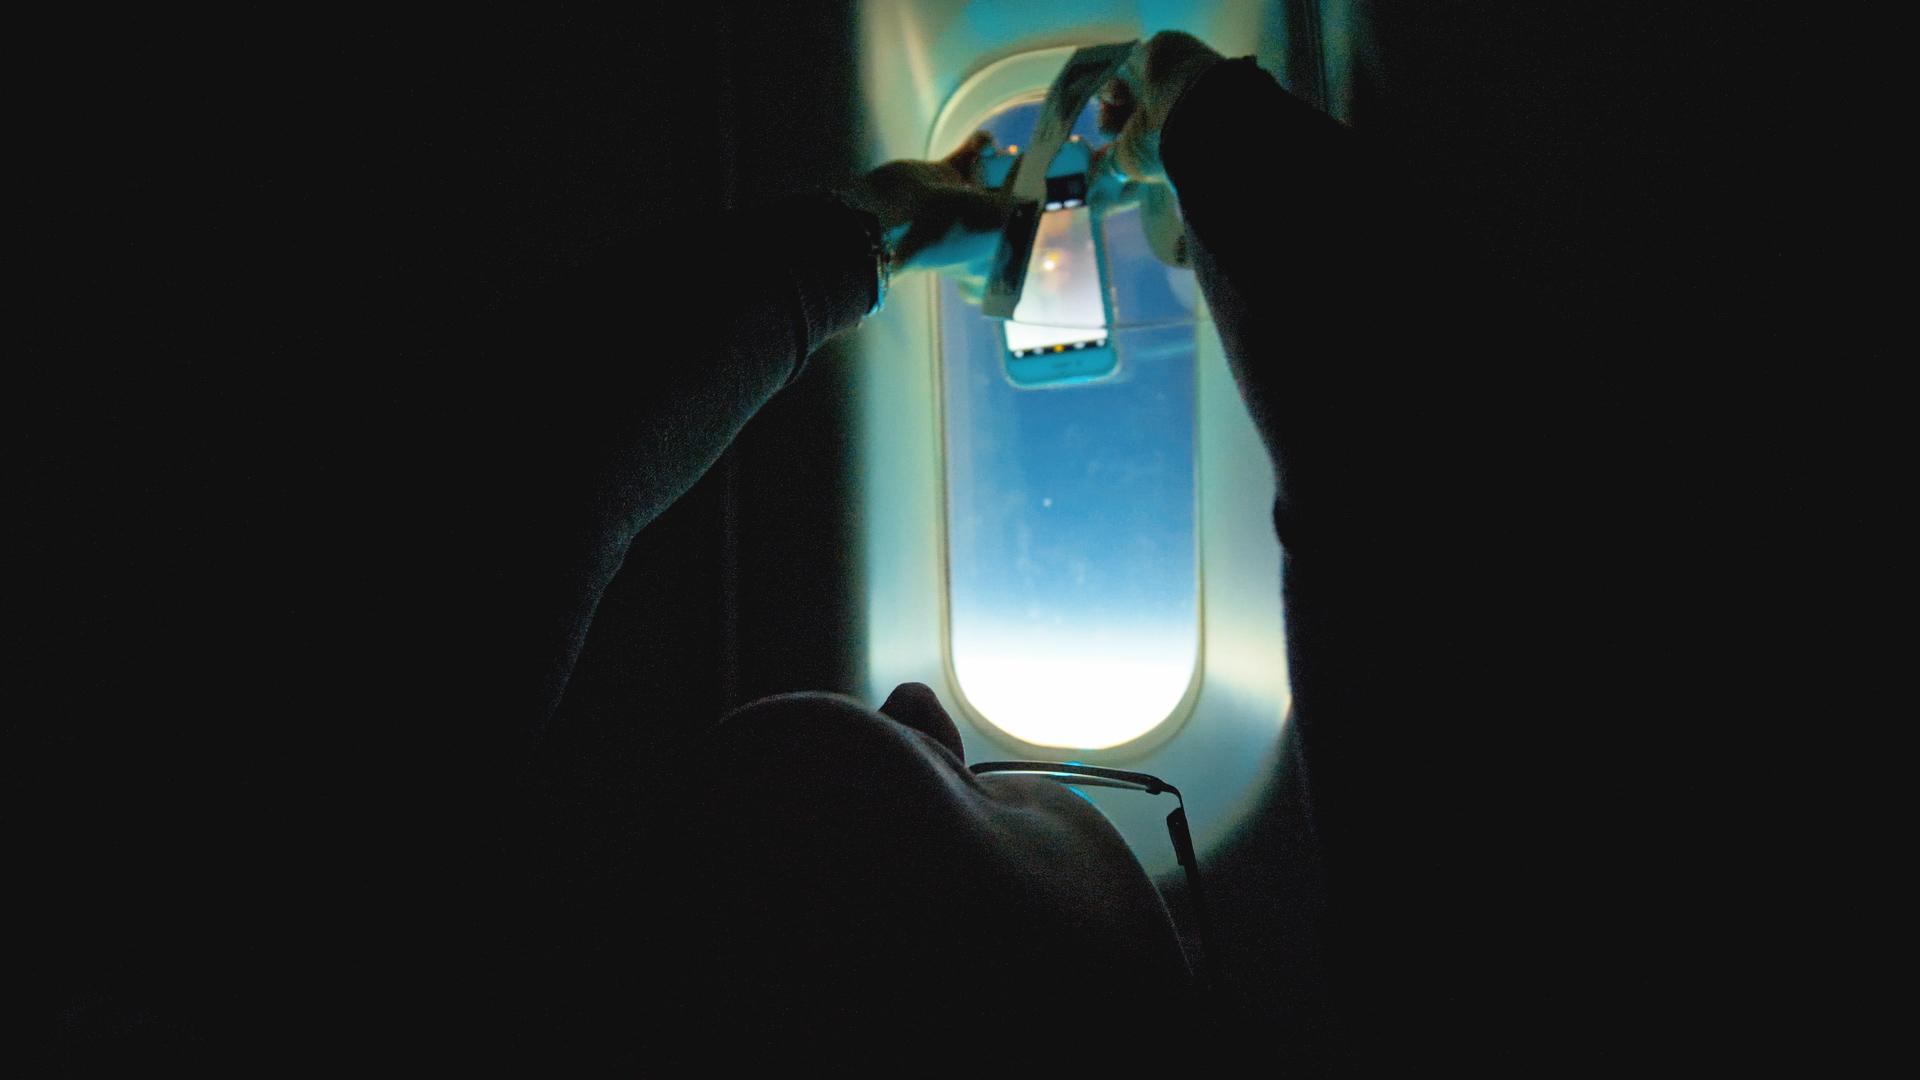 En un vuelo especial, la compañia de navegación Latam llevó a más de 50 pasajeros para avistar el eclipse de sol